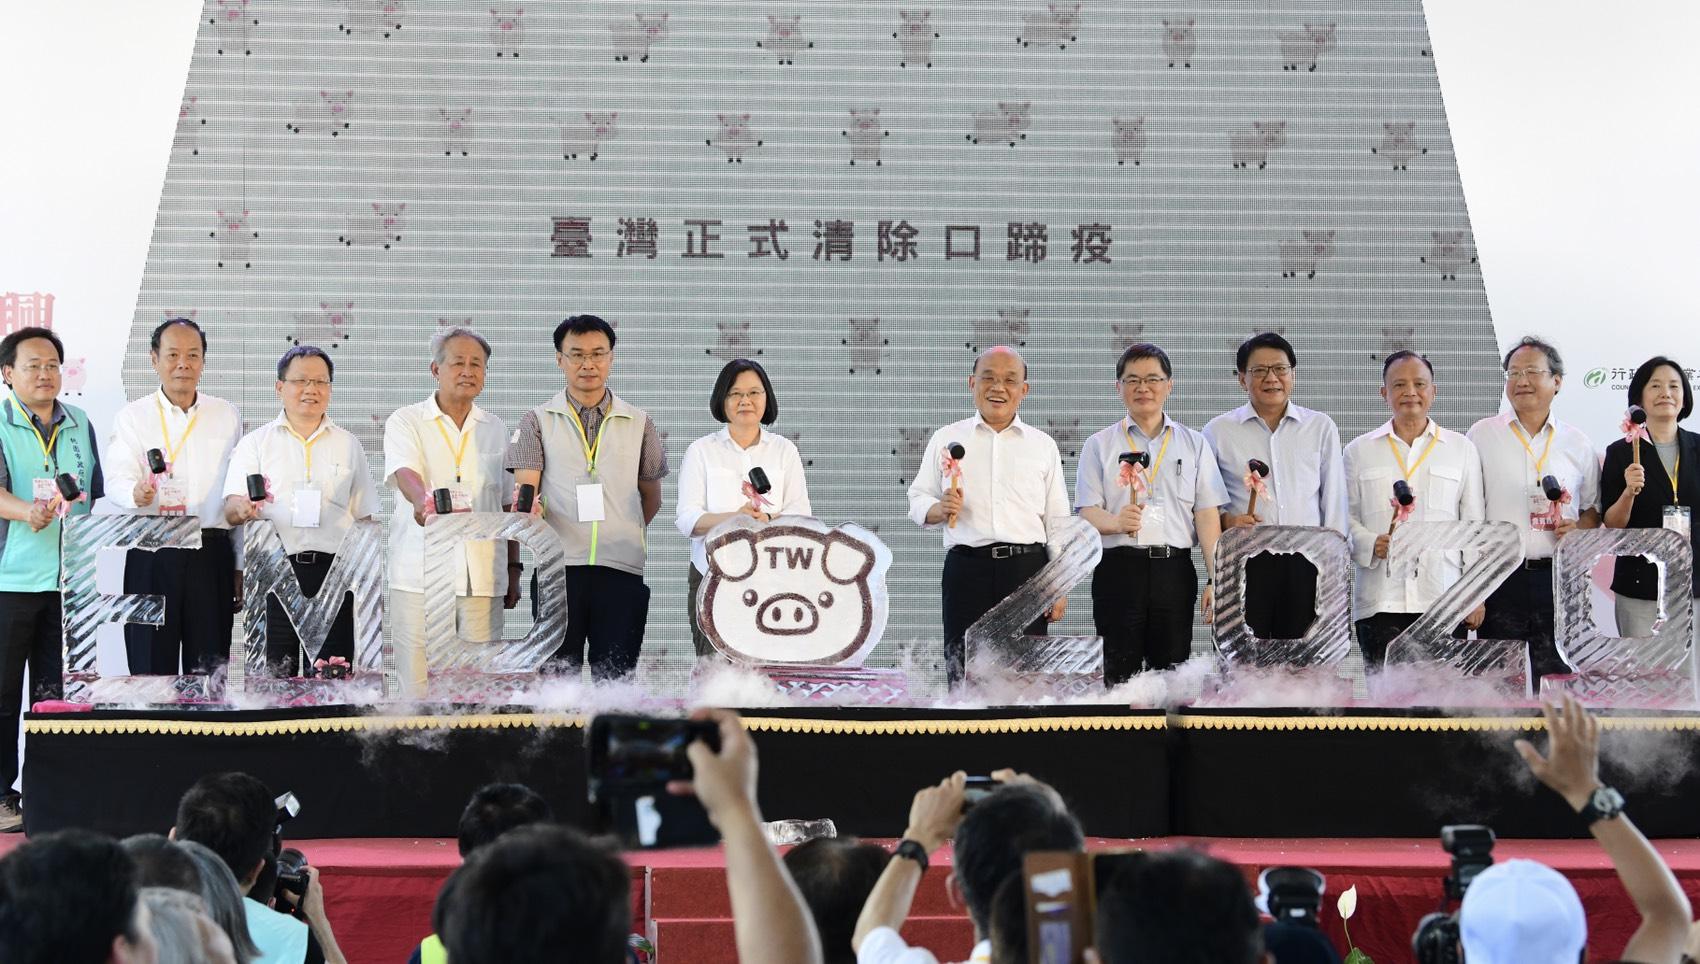 蔡英文總統:臺灣是亞洲少數沒有非洲豬瘟疫情、也不是口蹄疫疫區的國家